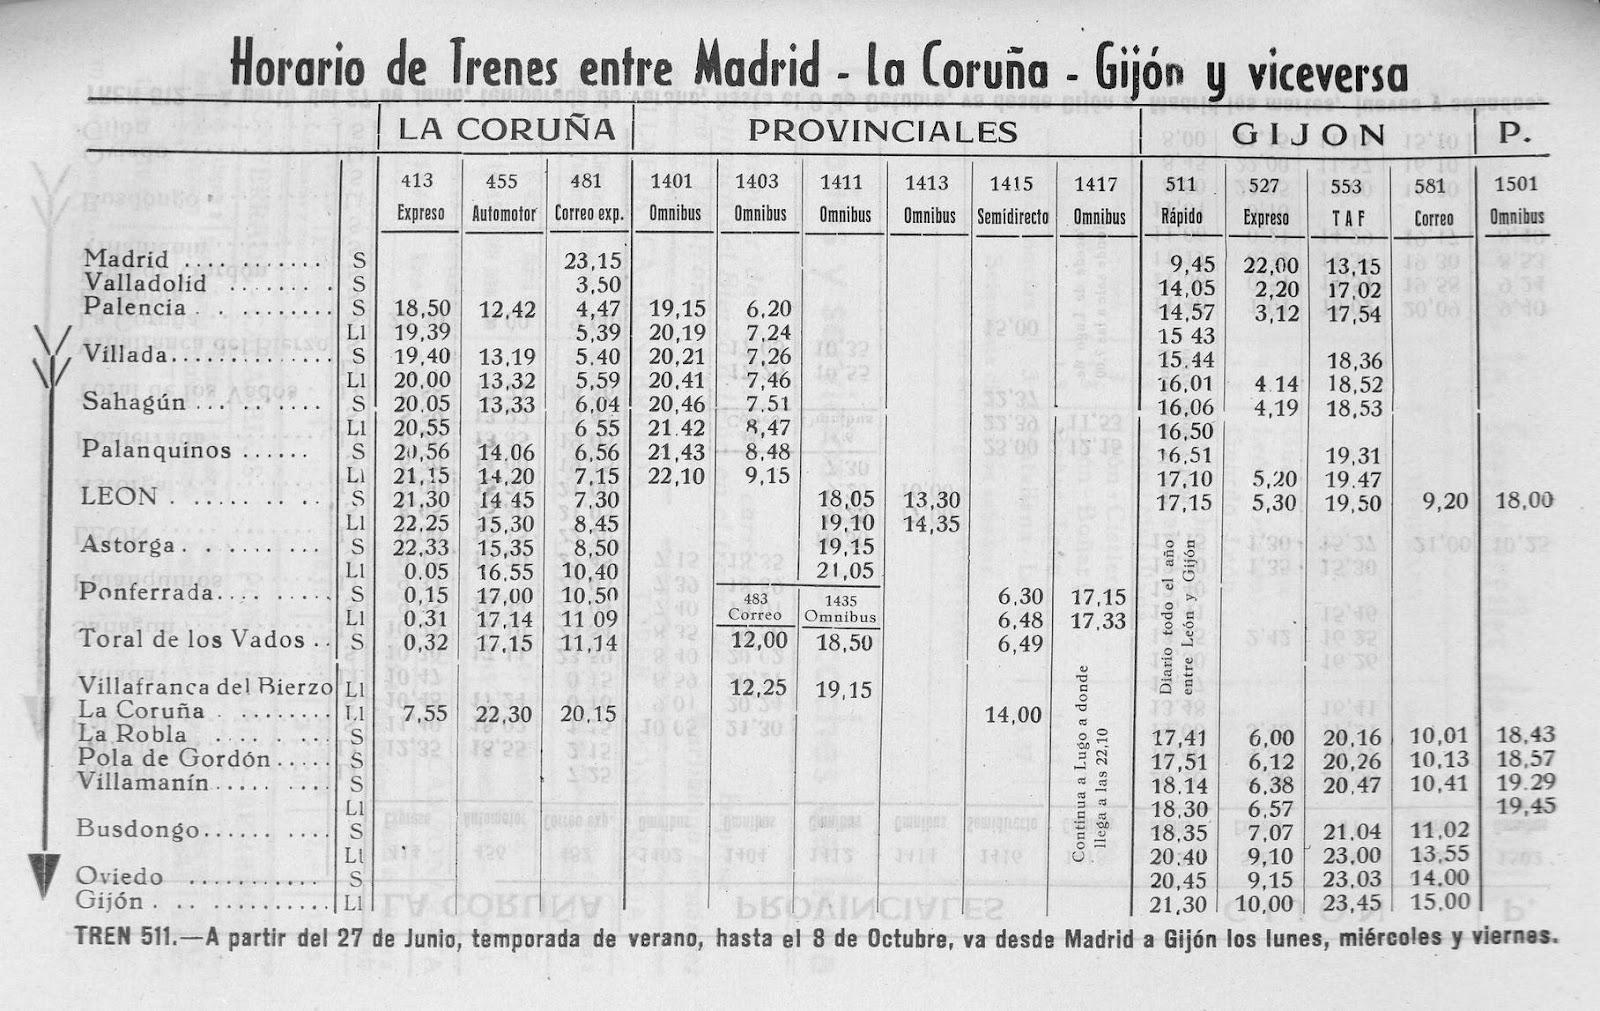 Horarios de los trenes en sahag n all por los a os 50 - Horario oficina correos madrid ...